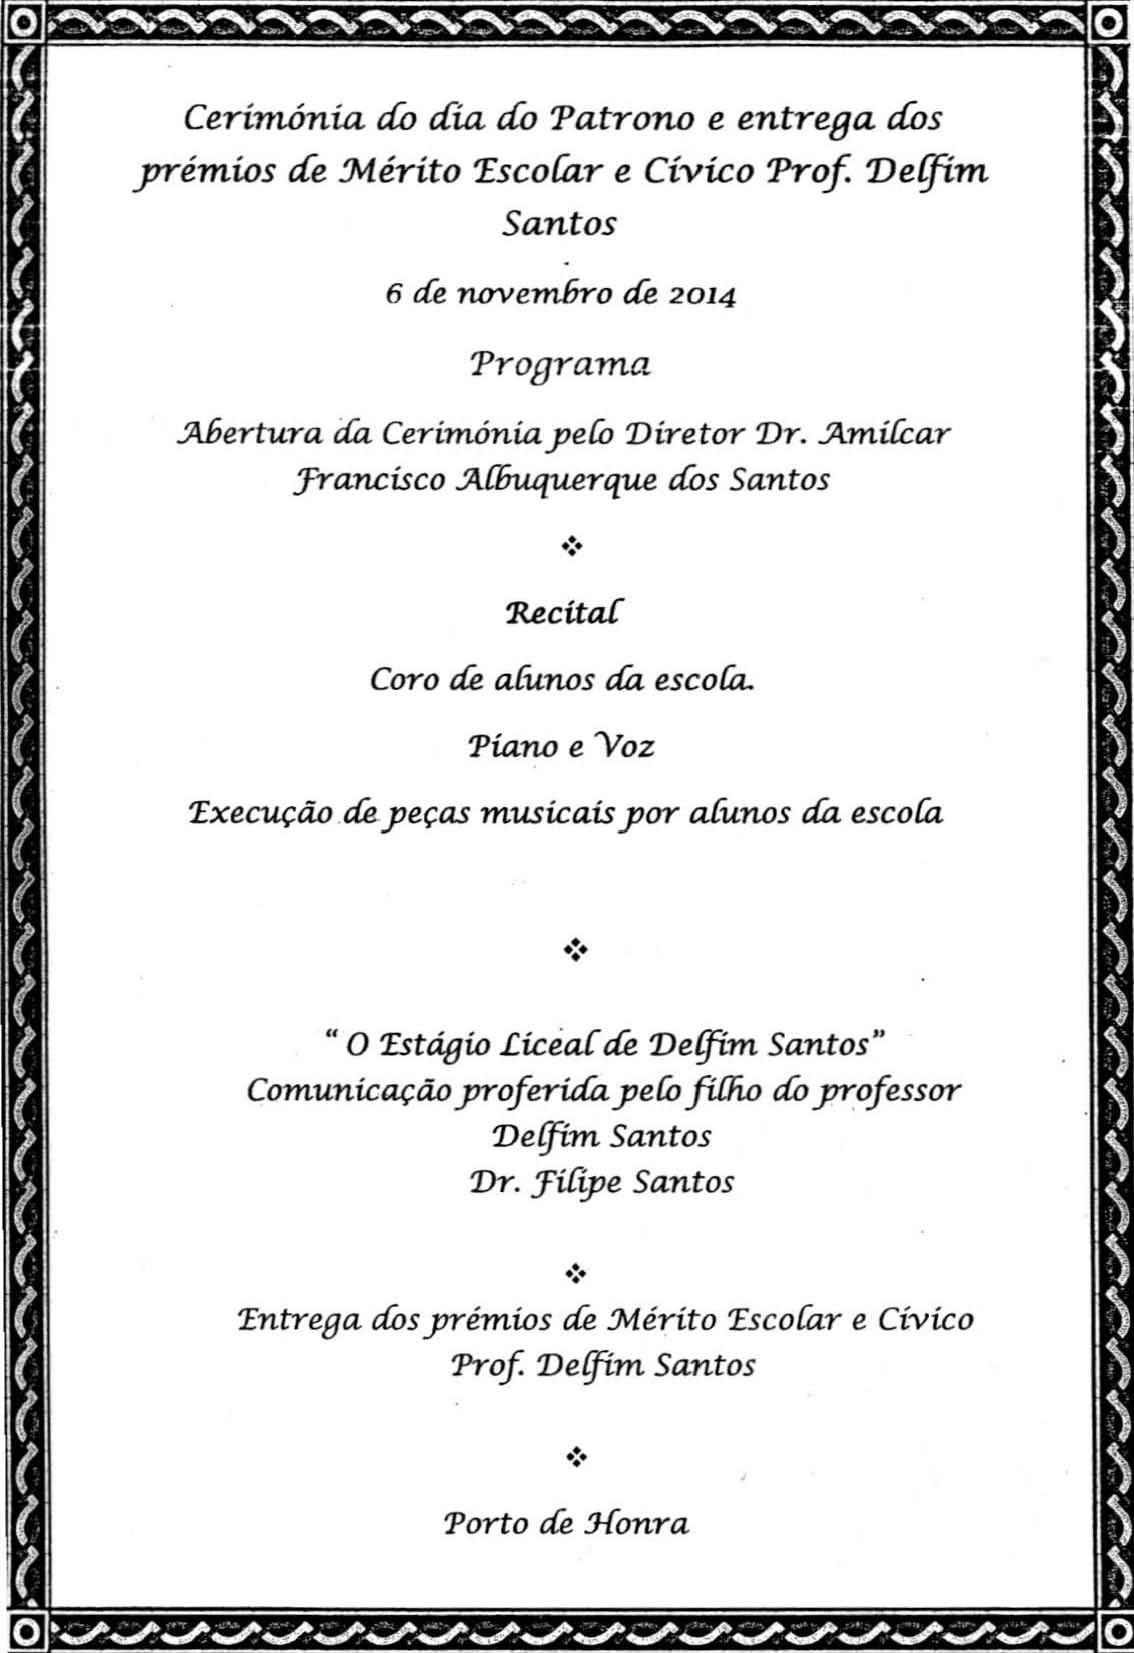 eventoEscolaDelfimSantos2014